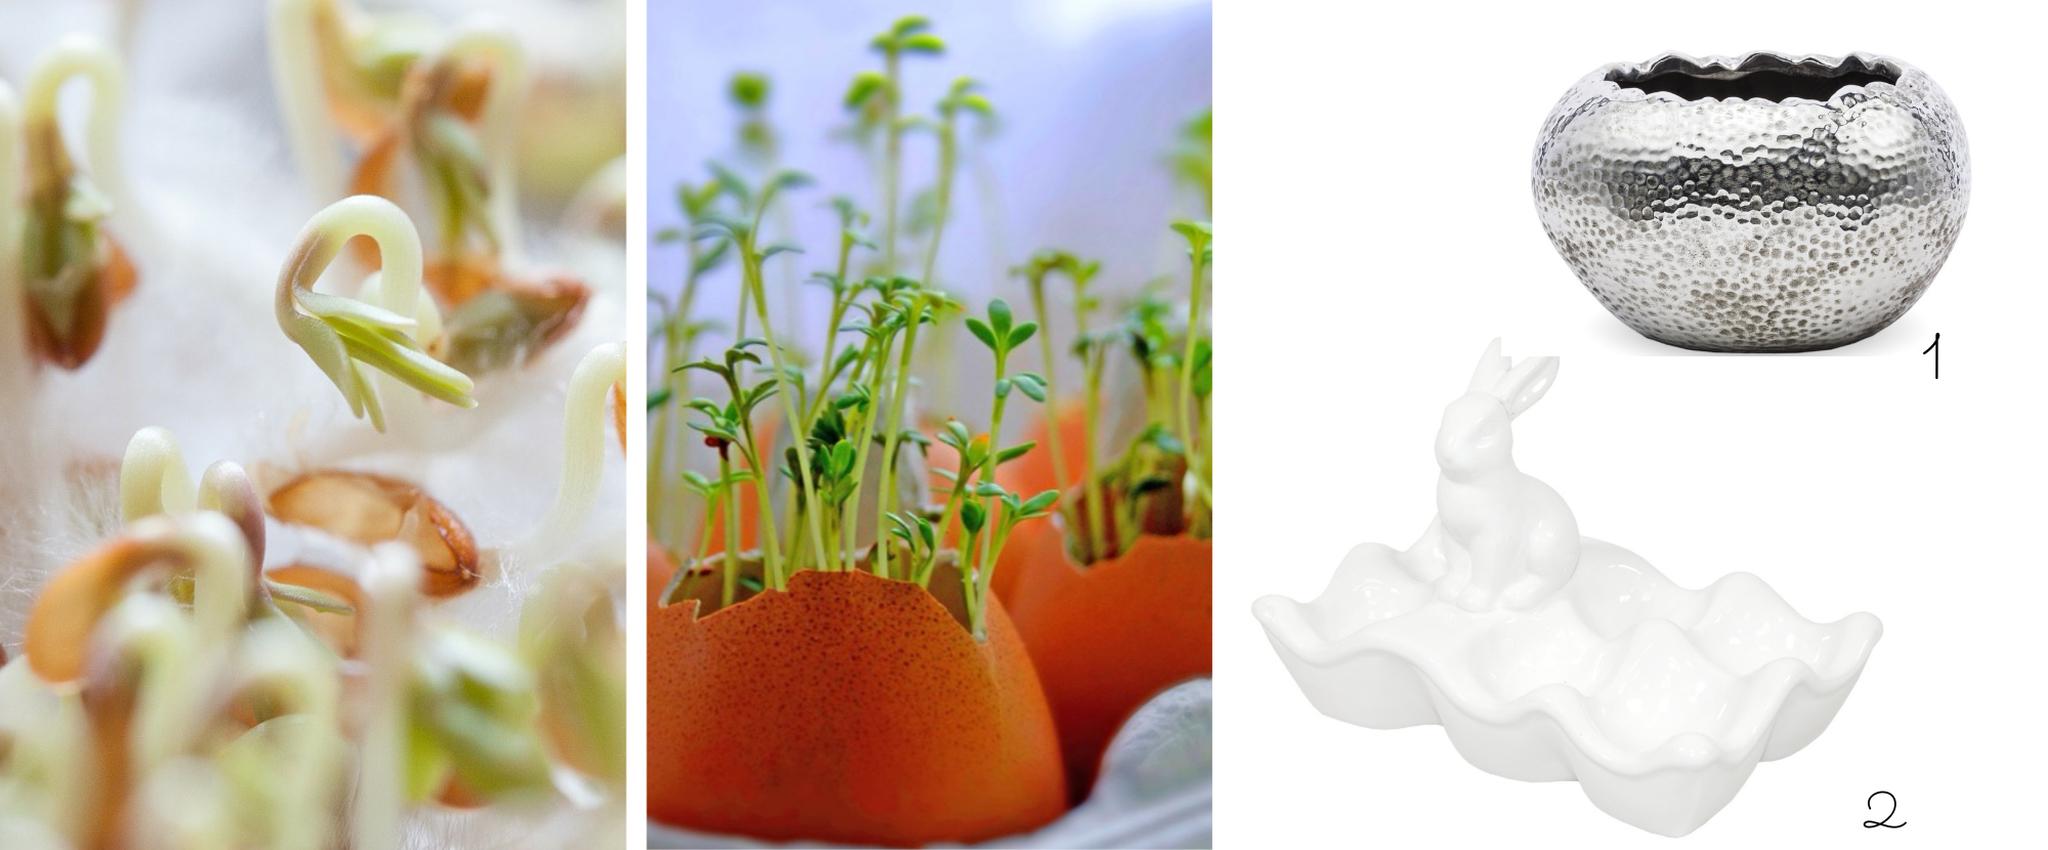 rzeżucha w skorupkach jajek podstawka pod jajka